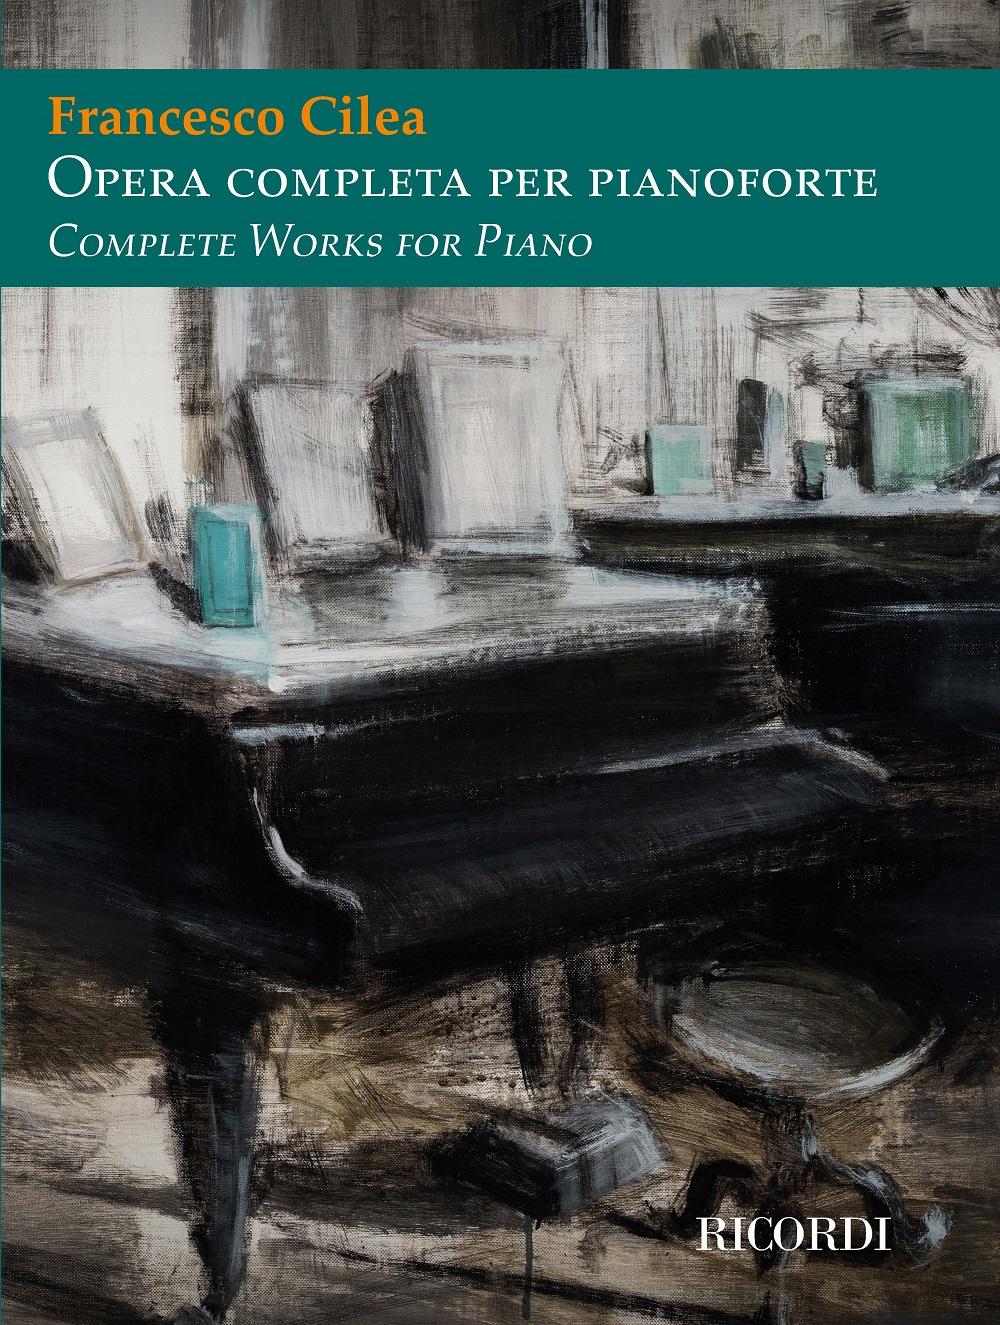 Francesco Cilea: Opera completa per pianoforte: Piano Solo: Instrumental